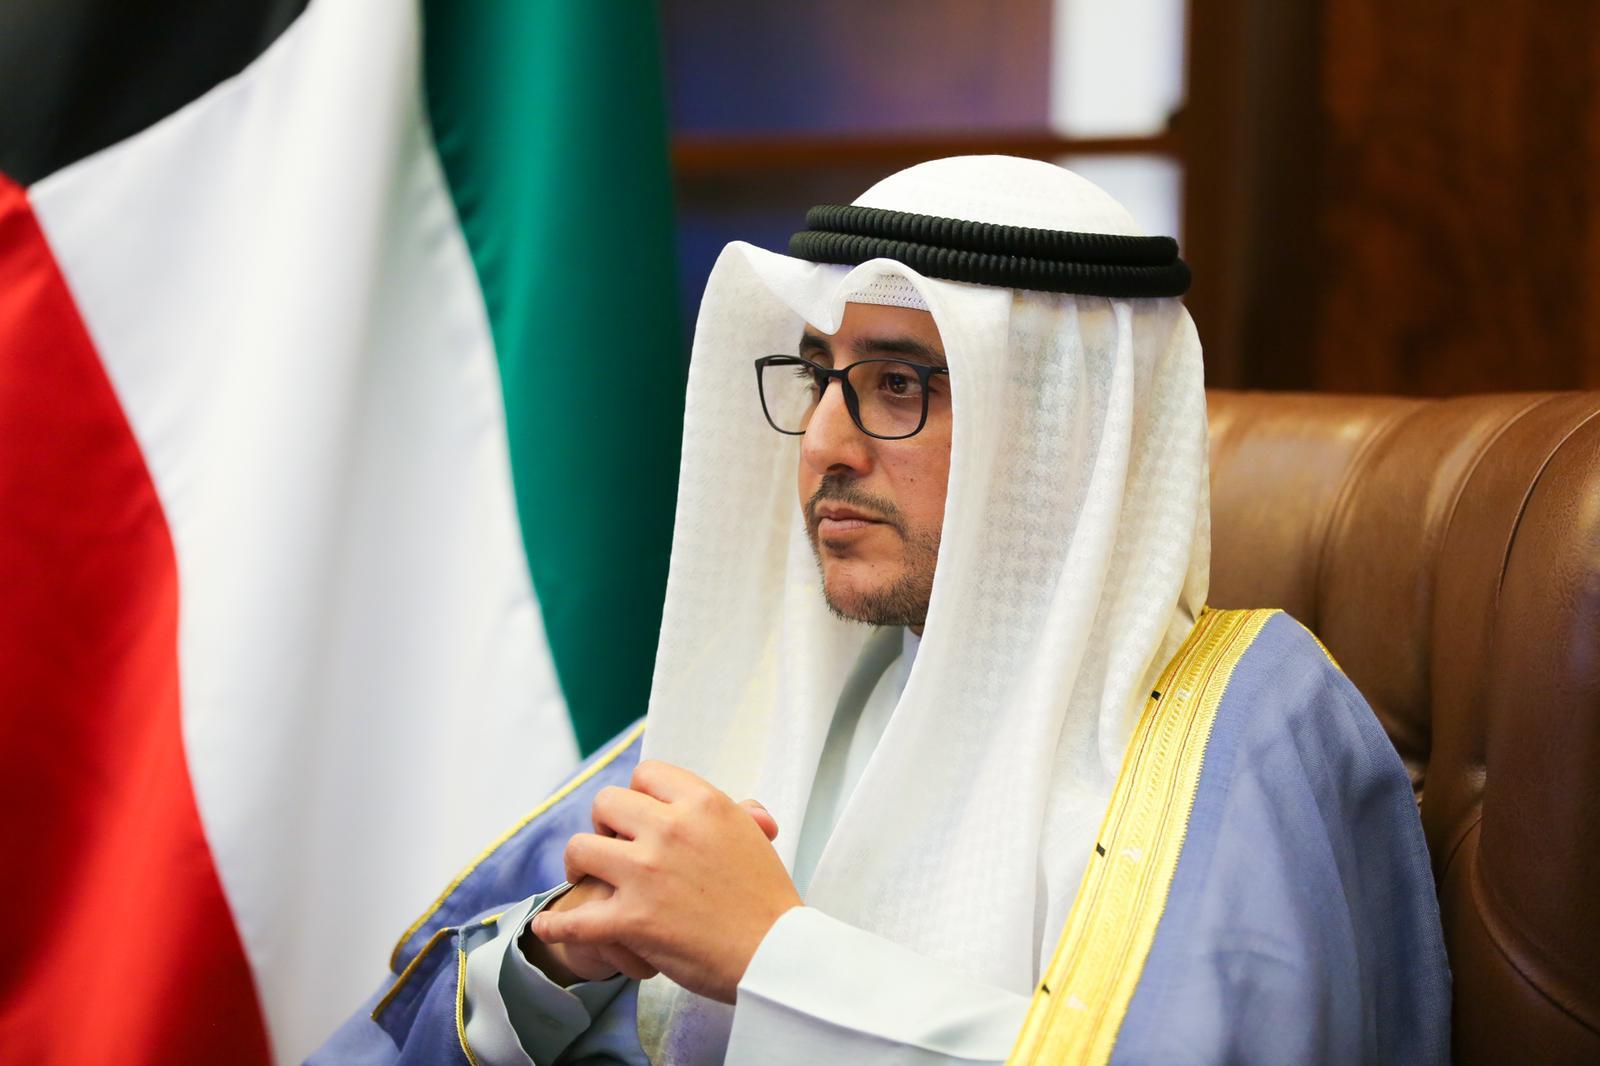 وزير الخارجية الشيخ احمد الناصر الصباح يترأس وفد الكويت بمؤتمر بروكسل الدولي الرابع لدعم مستقبل سوريا ودول المنطقة